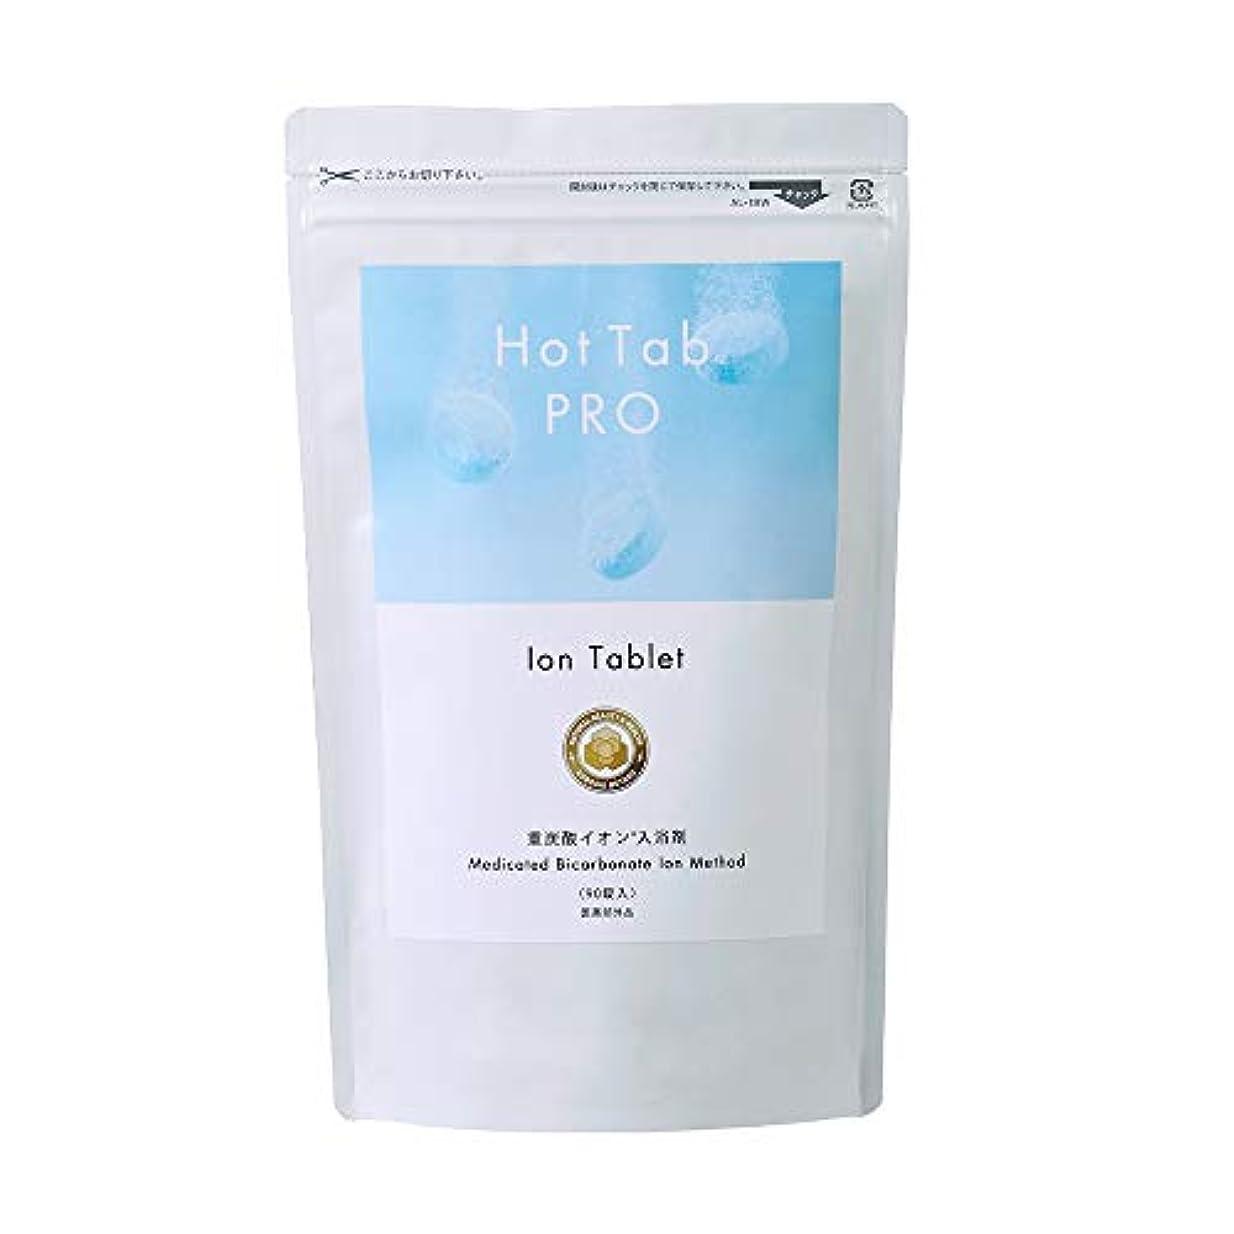 不安規範商業の最新型 日本製なめらか重炭酸入浴剤「ホットタブPro」(デリケートな肌でも安心 無香料 無着色 中性pH) (お得な90錠セット)